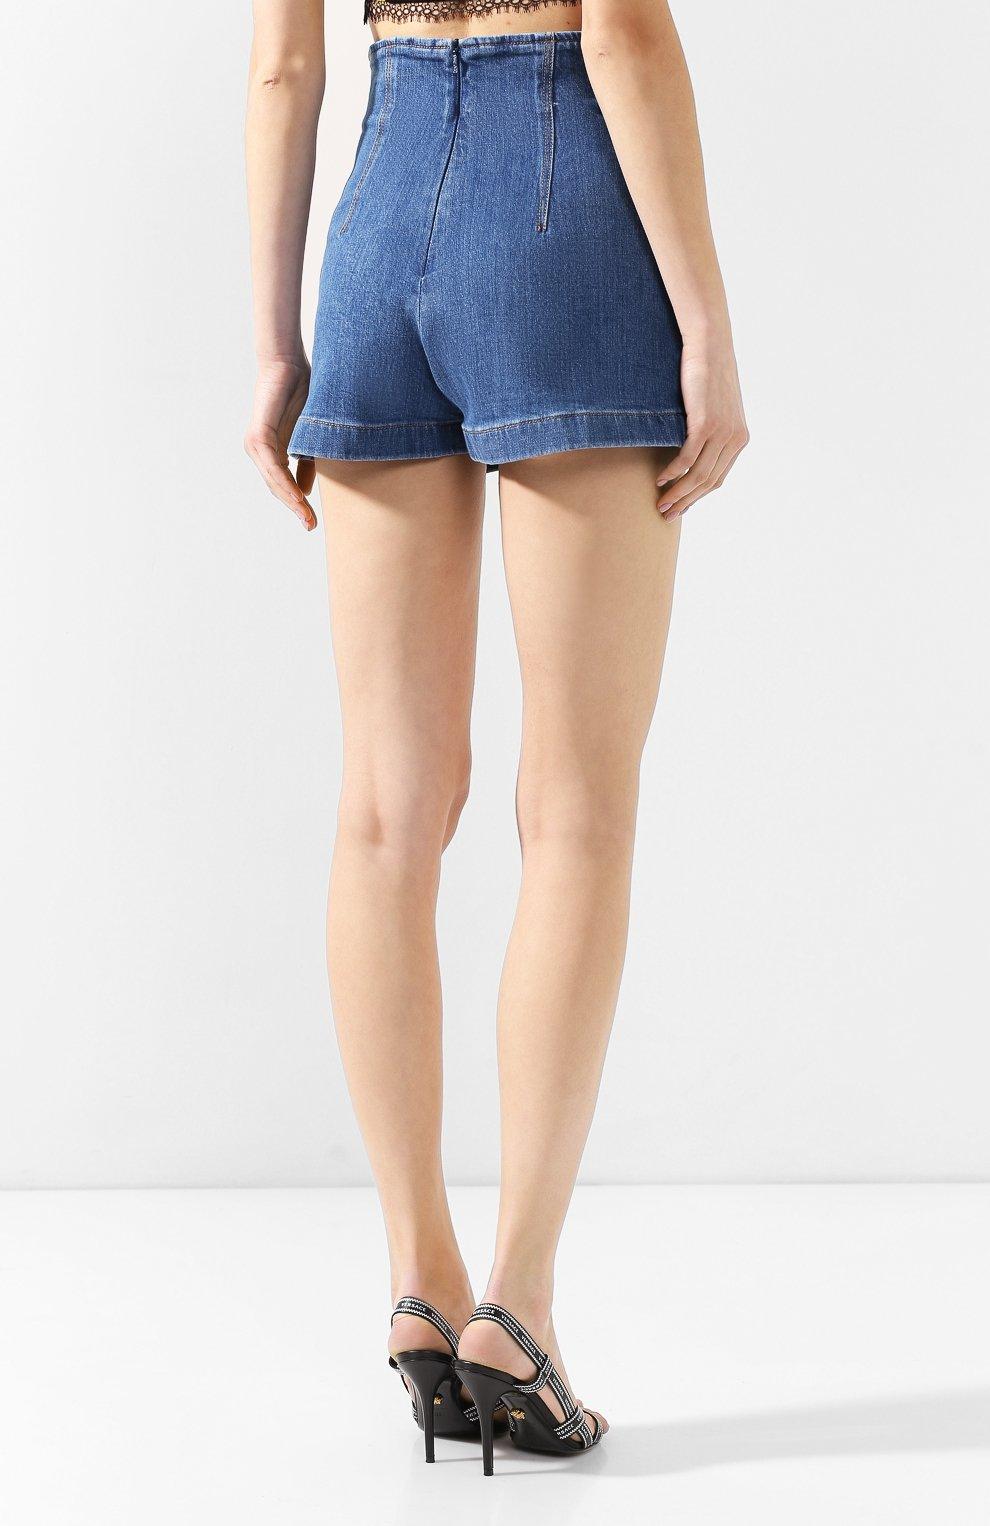 Джинсовые шорты Versace голубые   Фото №4